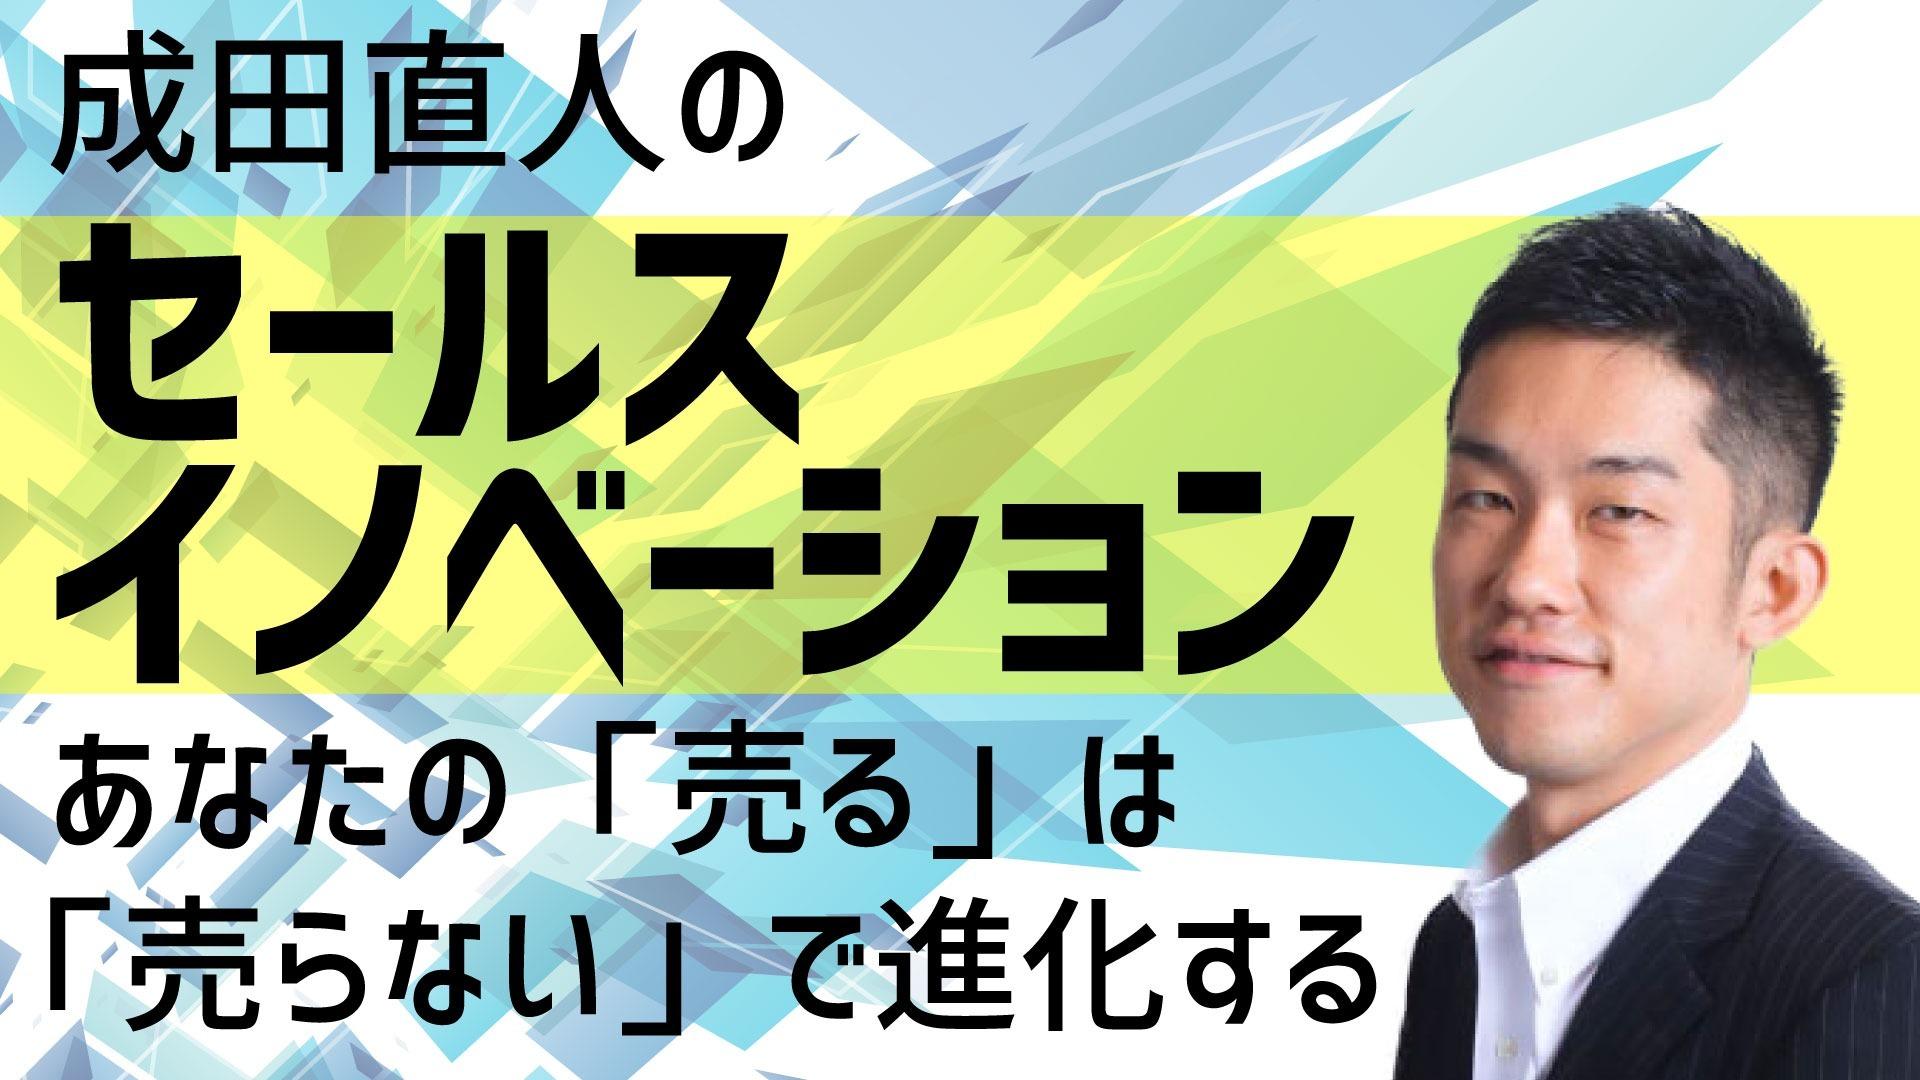 成田直人 - 成田直人のセールスイノベーション - DMM オンラインサロン